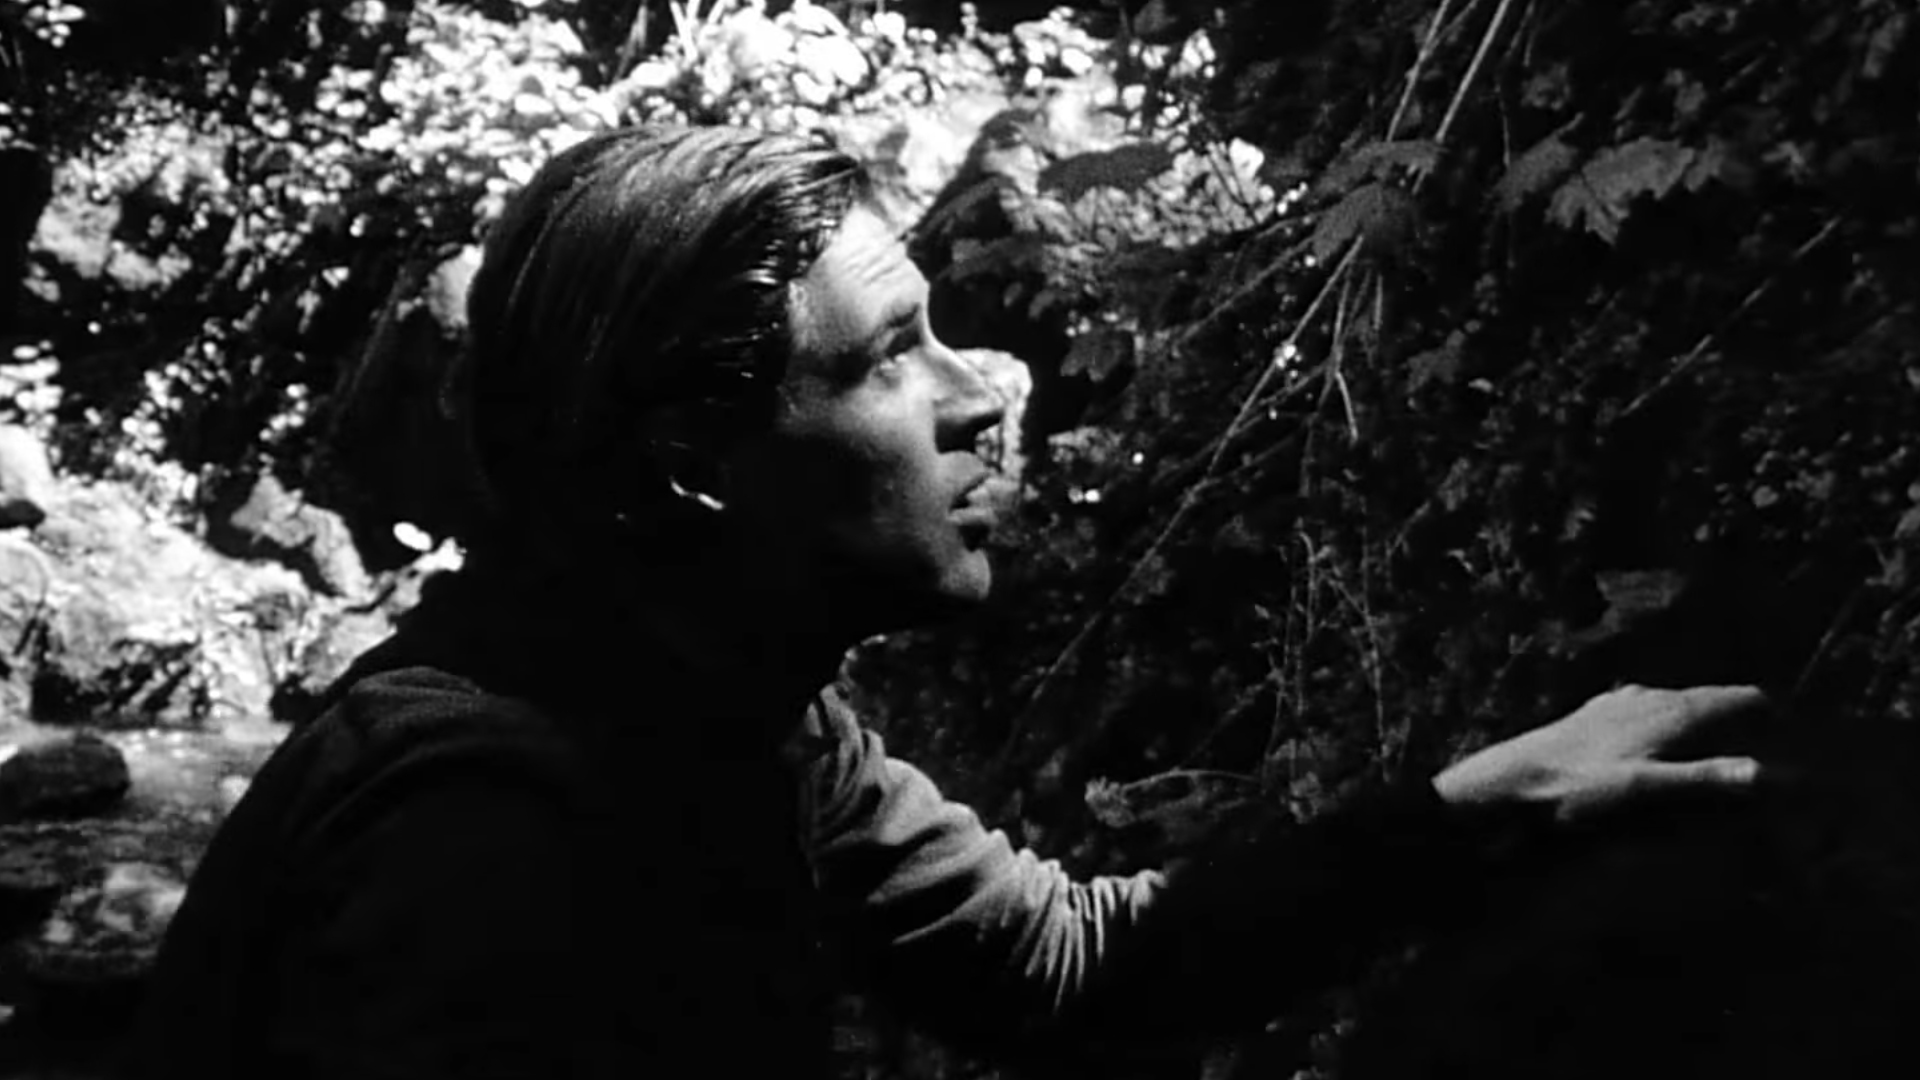 Markus Ganter